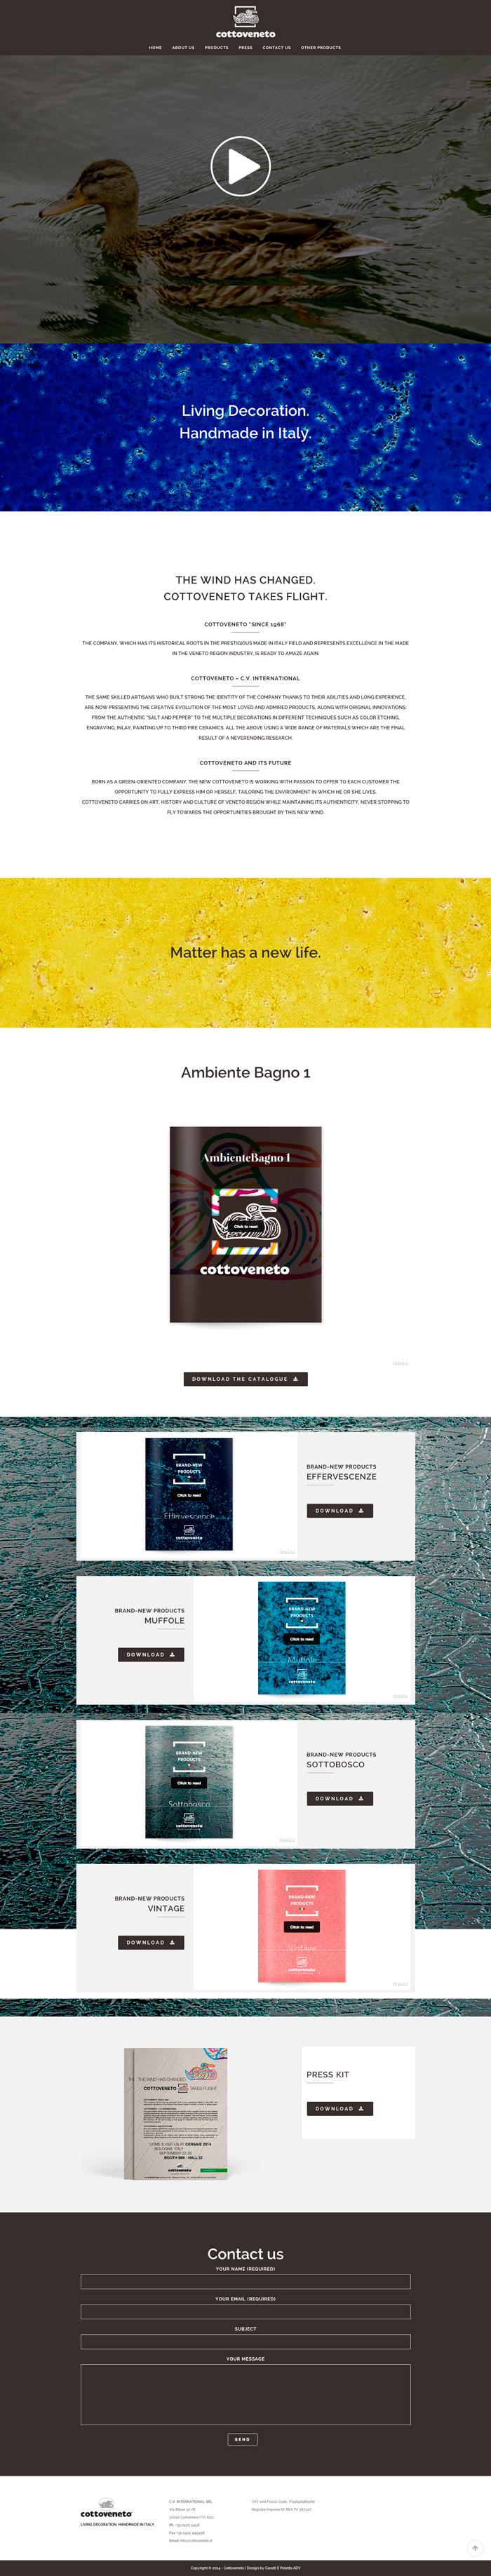 Cottoveneto: Living Decoration. Handmade in Italy. | CARATTI E POLETTO ADV  #webdesign